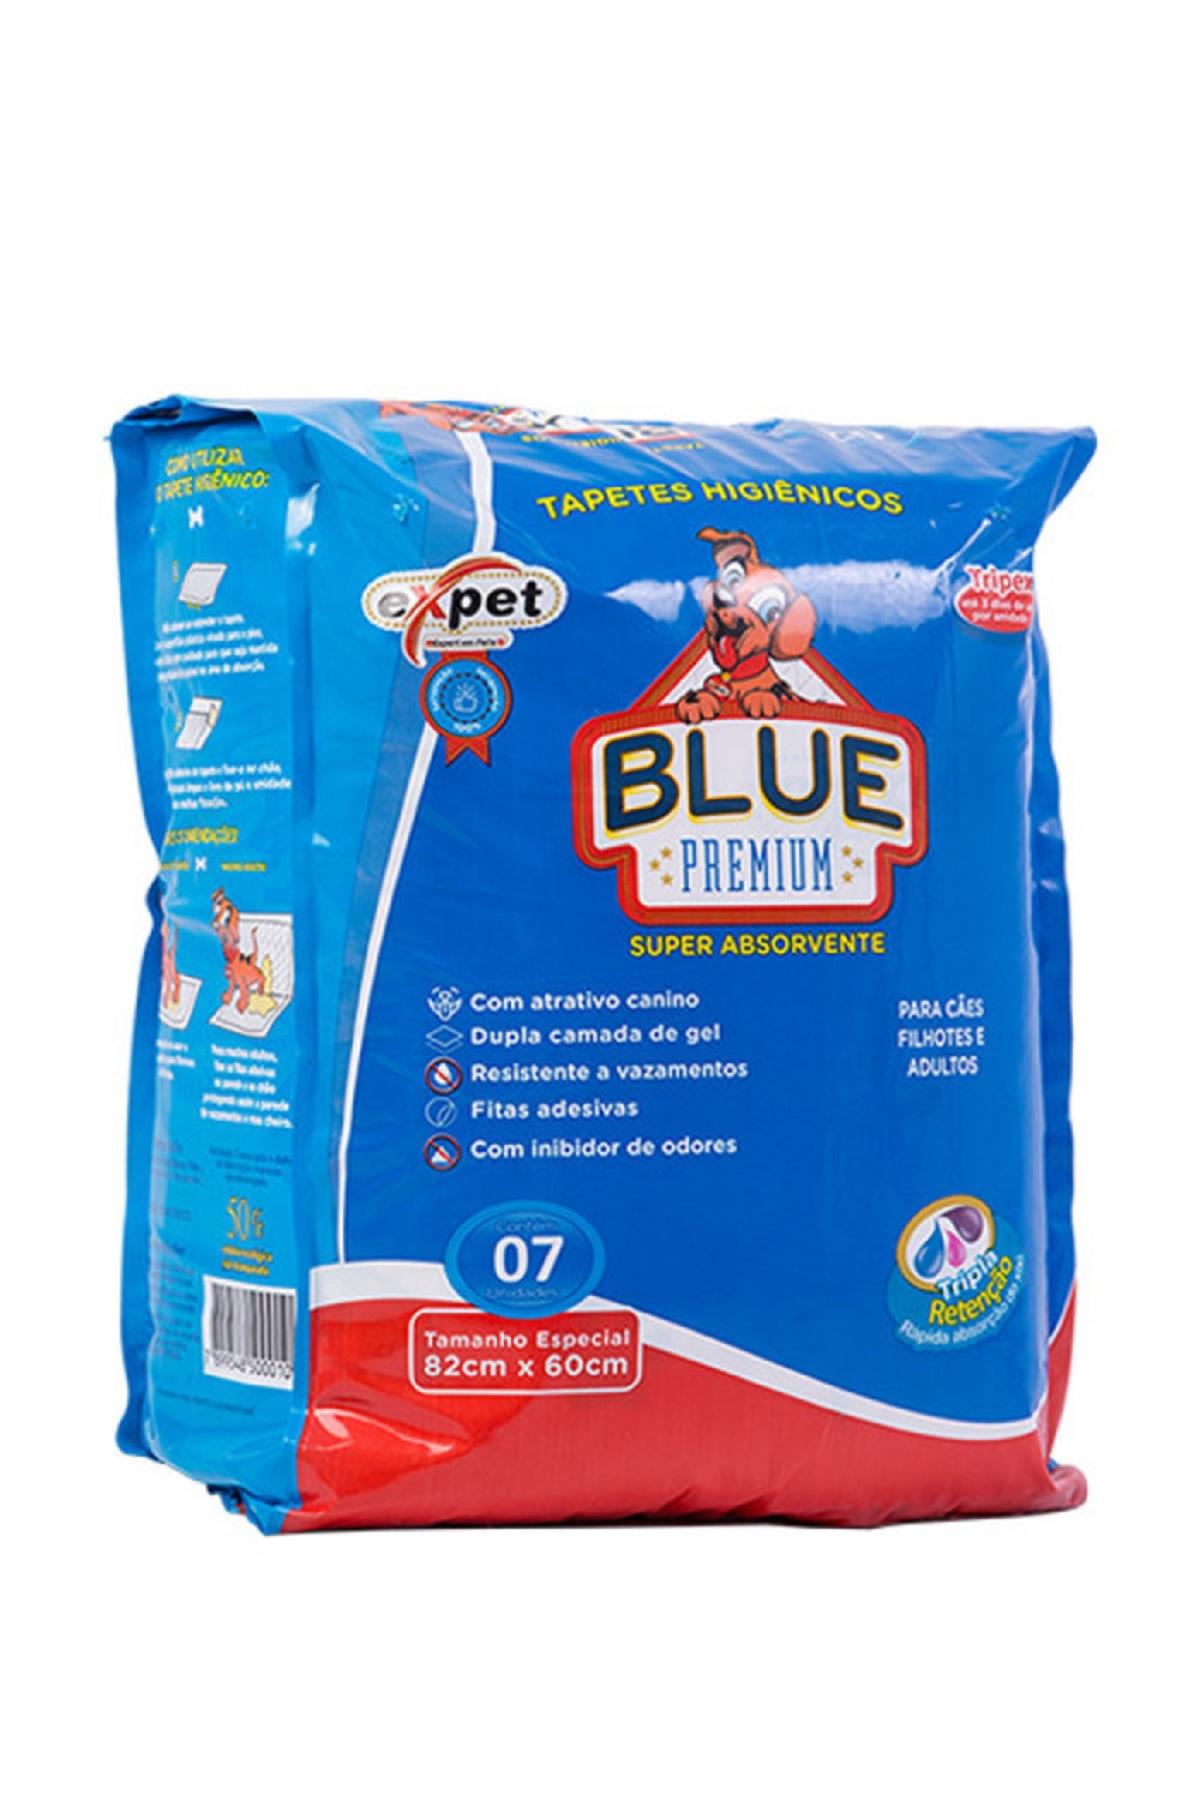 TAPETE HIGIENICO EXPET BLUE PREMIUM 82X60CM 7 UNIDADES